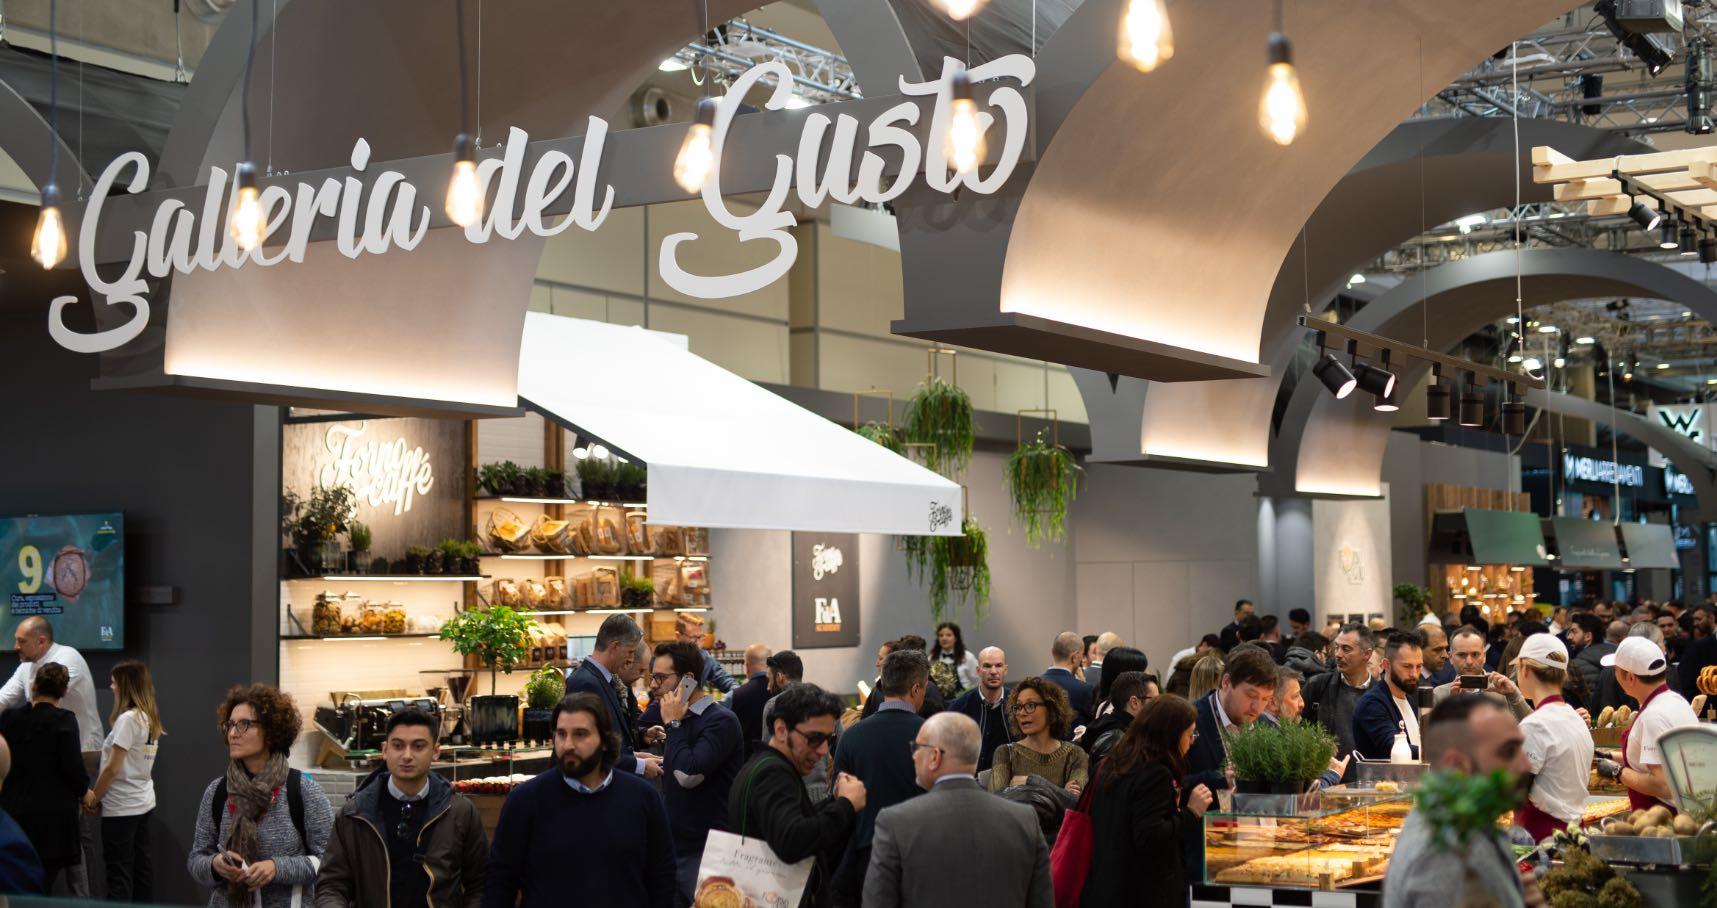 Galleria del gusto Forno d'Asolo Sigep